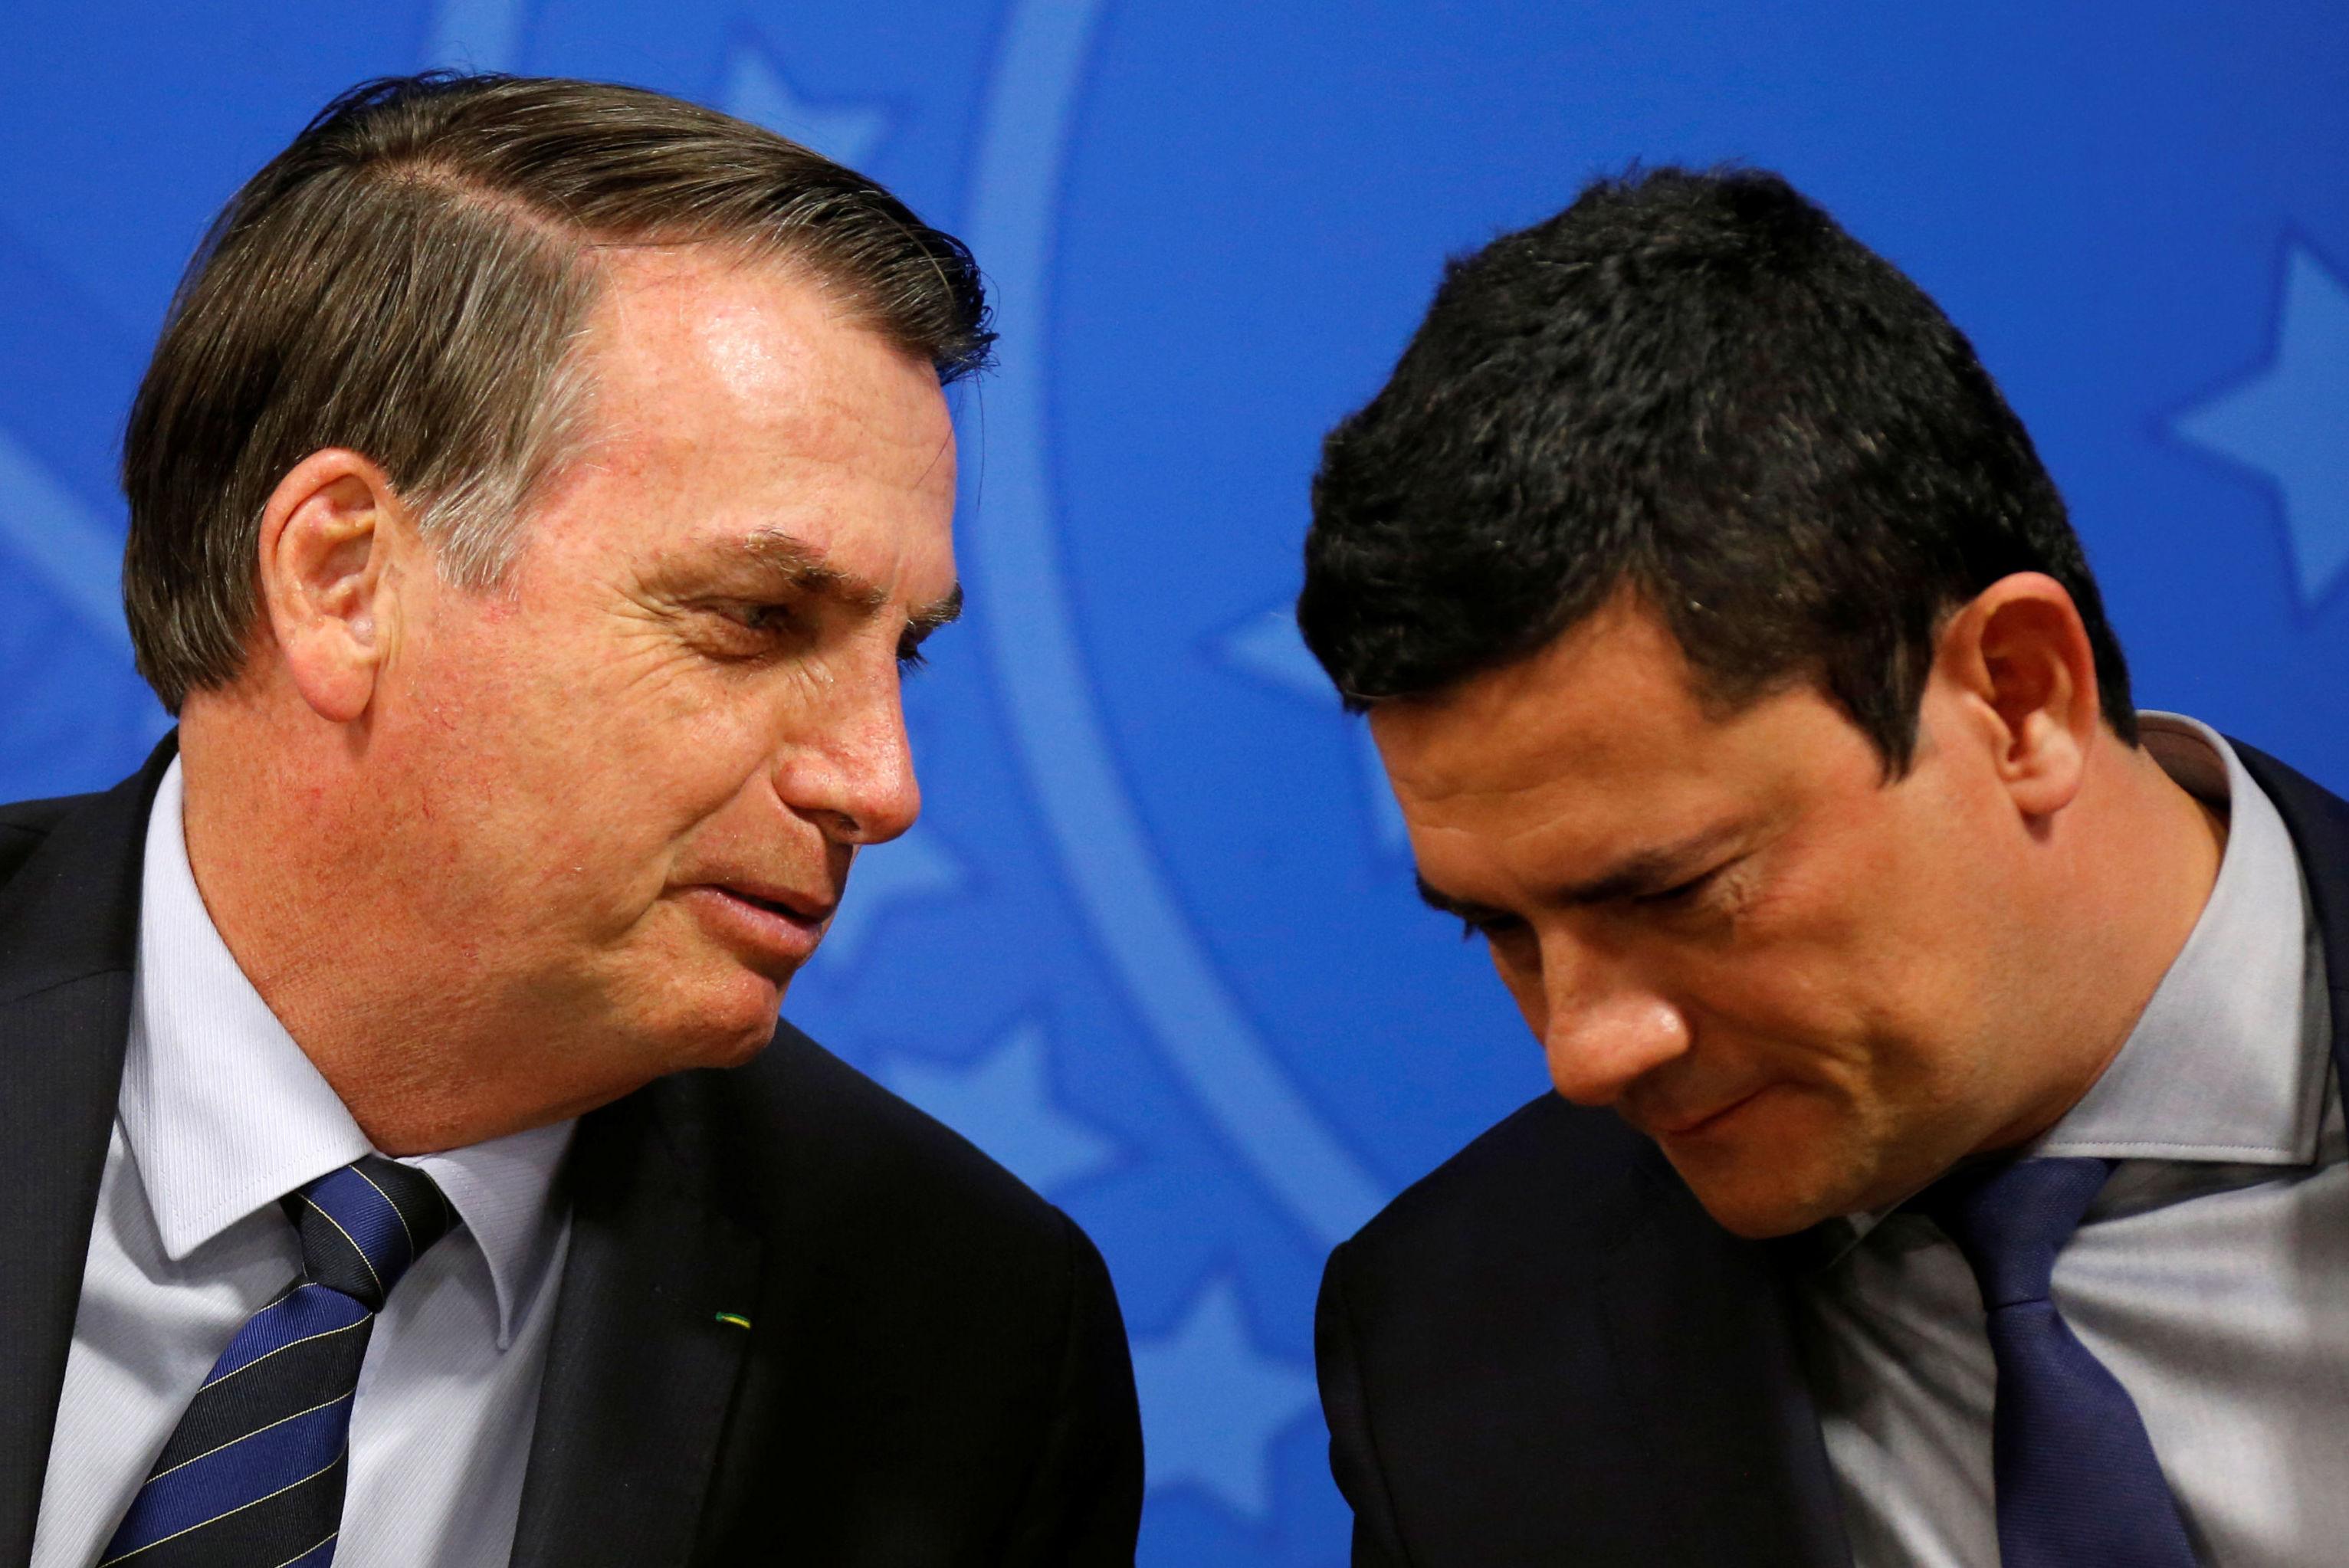 El presidente brasileño, Jair Bolsonaro, y el ministro de Justicia de Brasil el juez Sérgio Moro